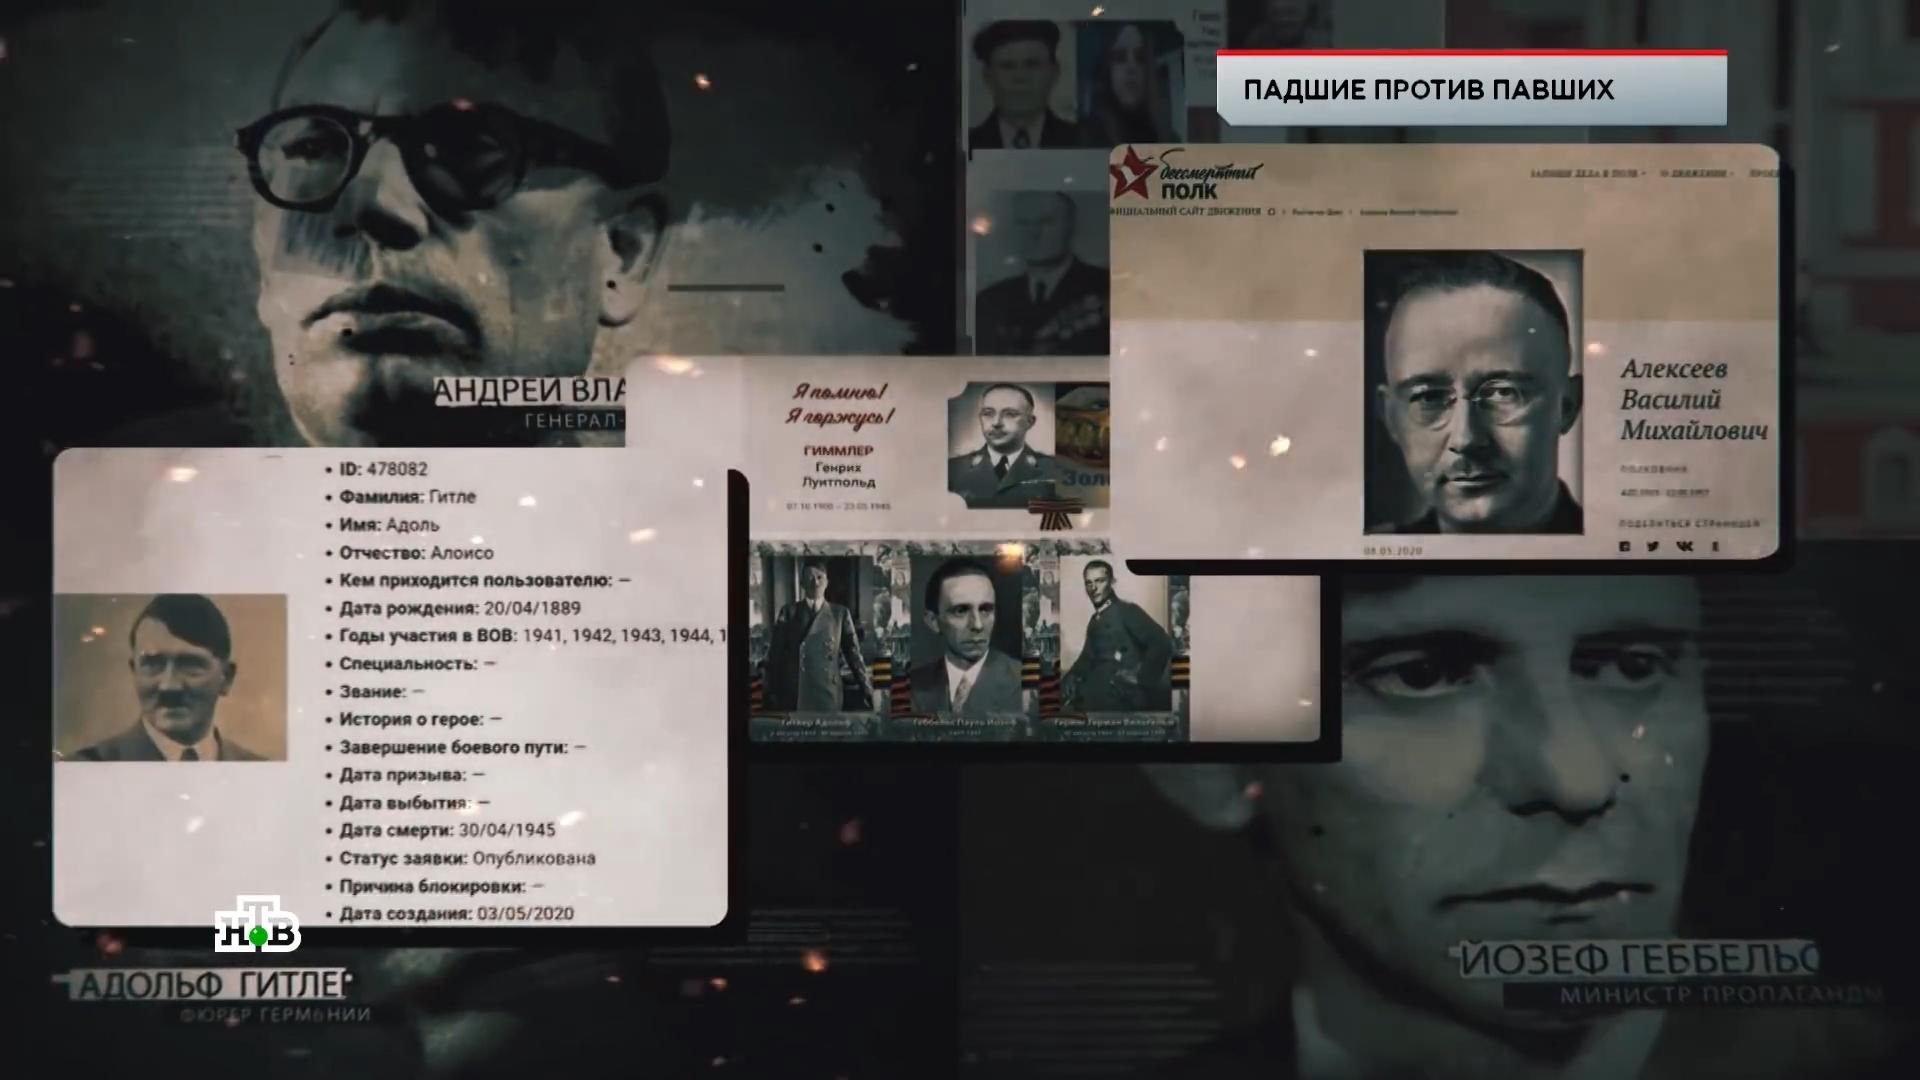 20200529-ЧП. Расследование-- -Падшие против павших-pic13